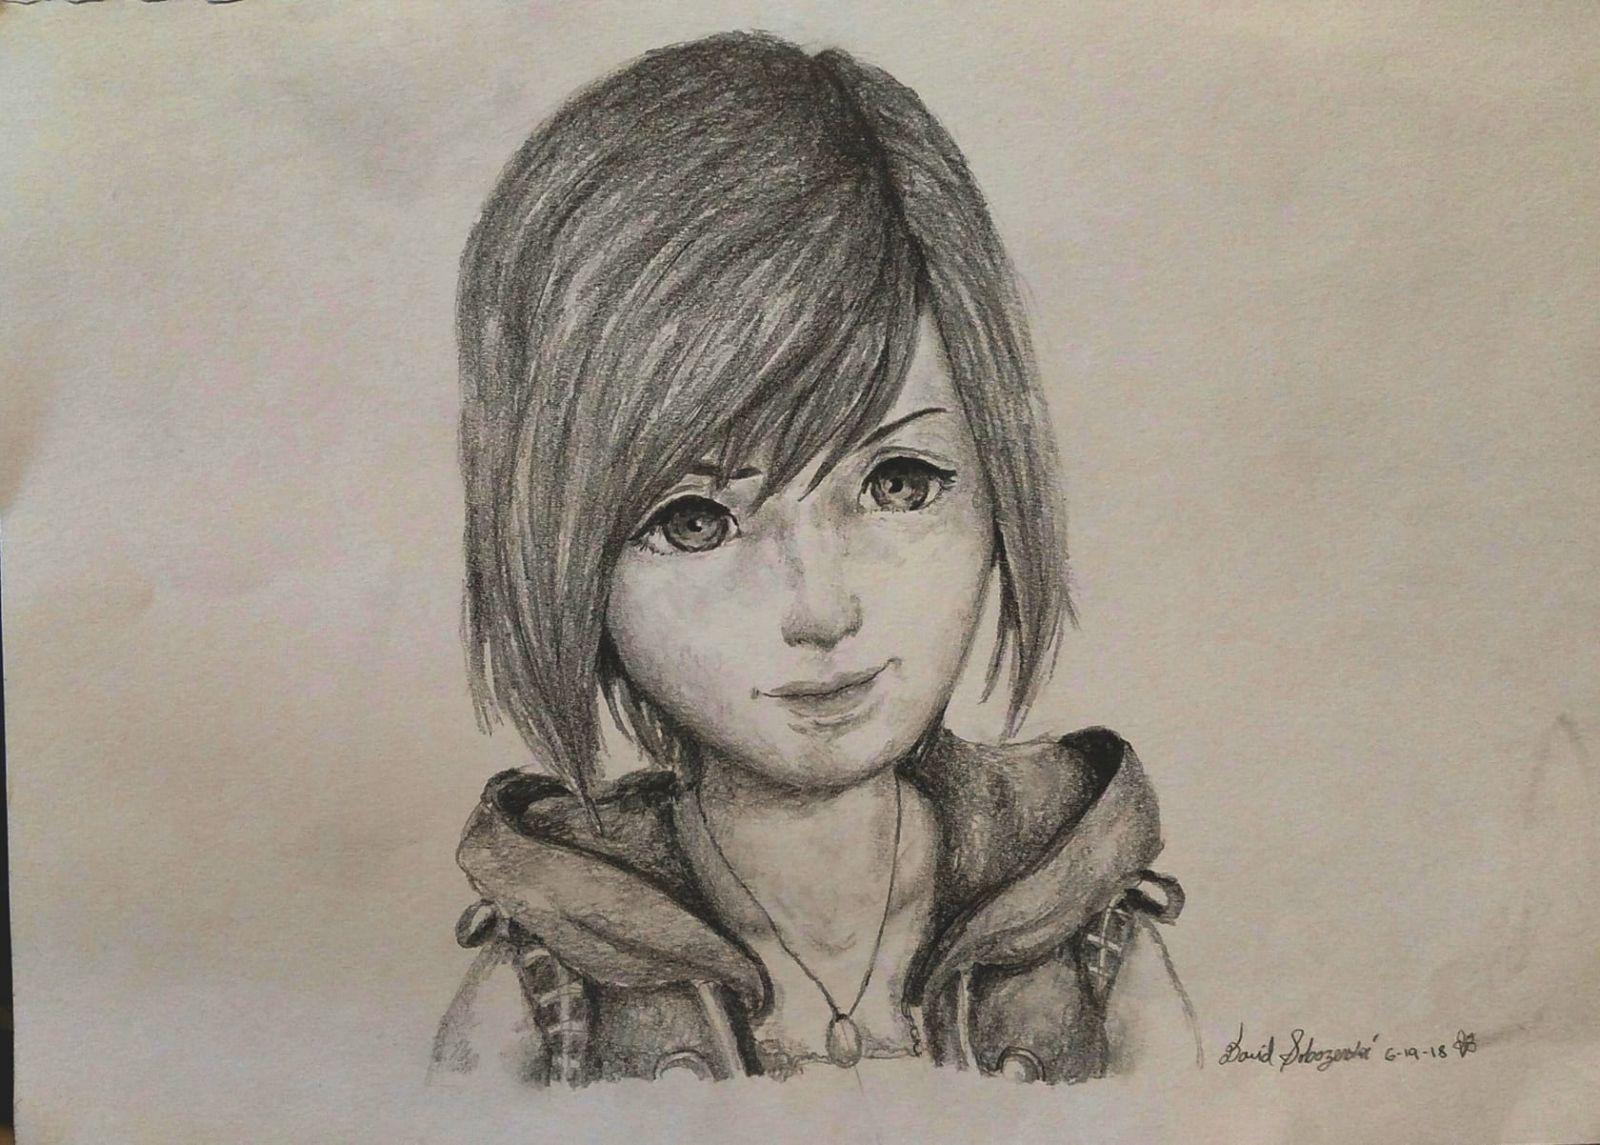 Kairi - Kingdom Hearts III